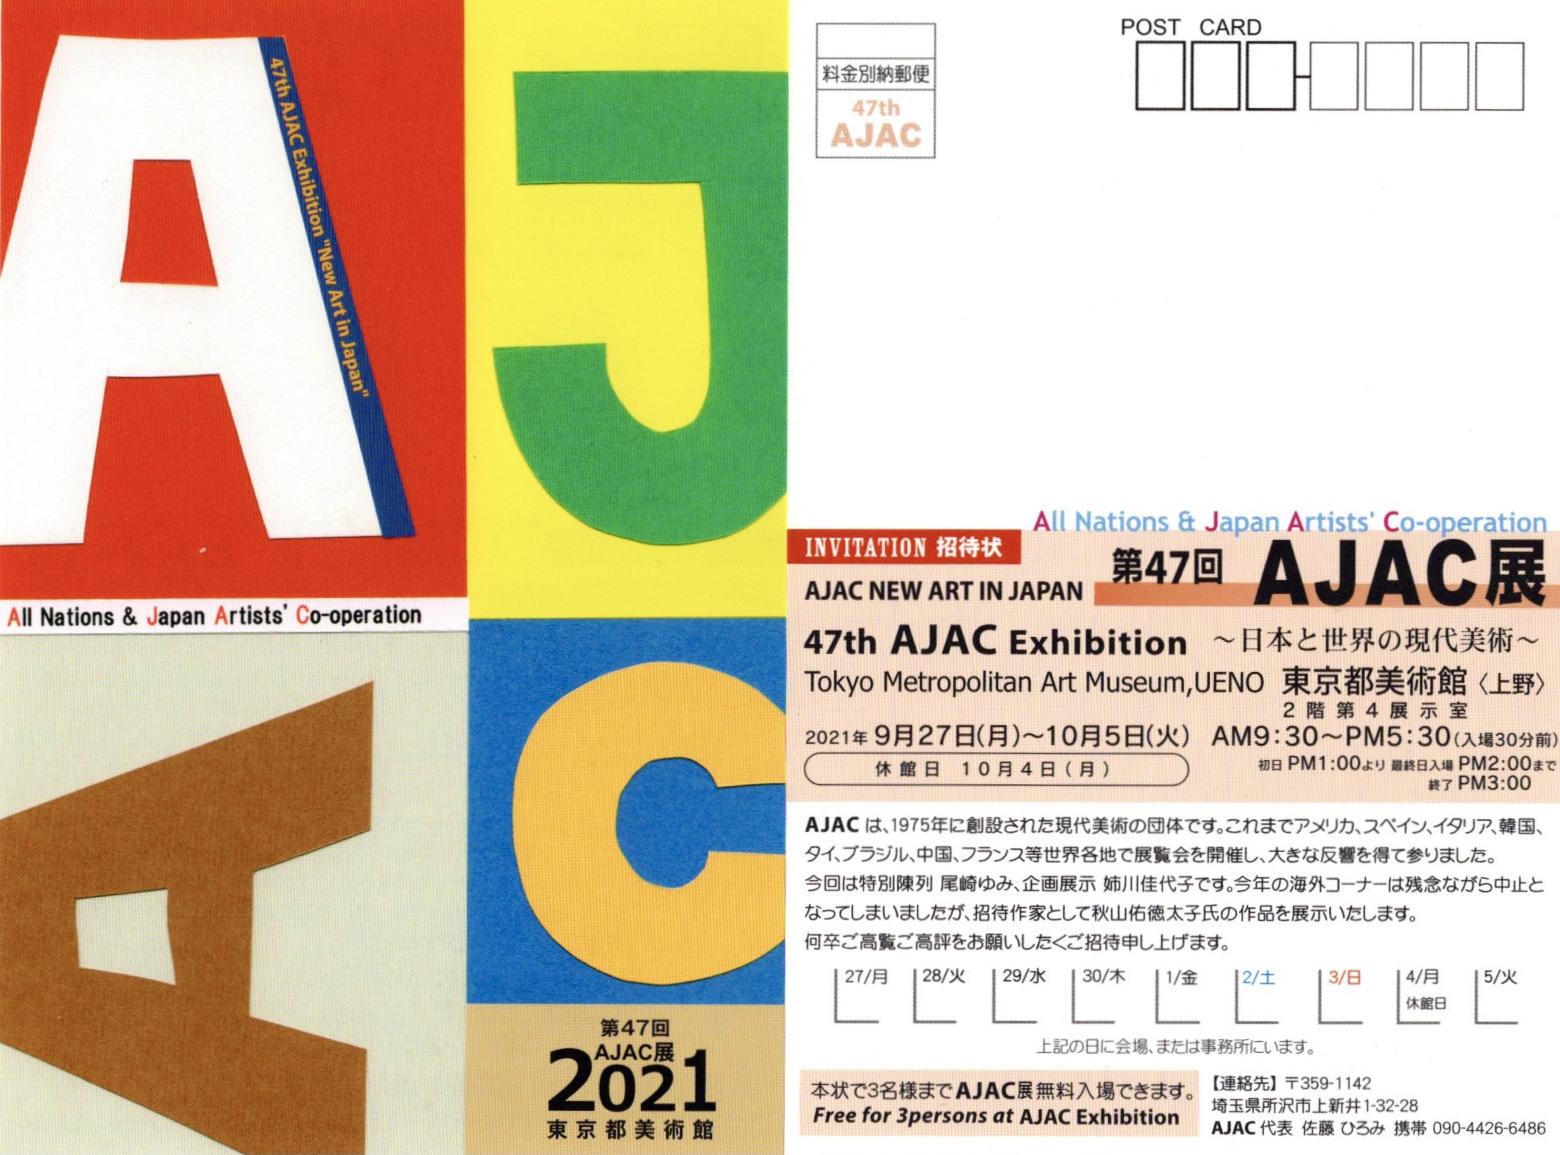 第47回AJAC展